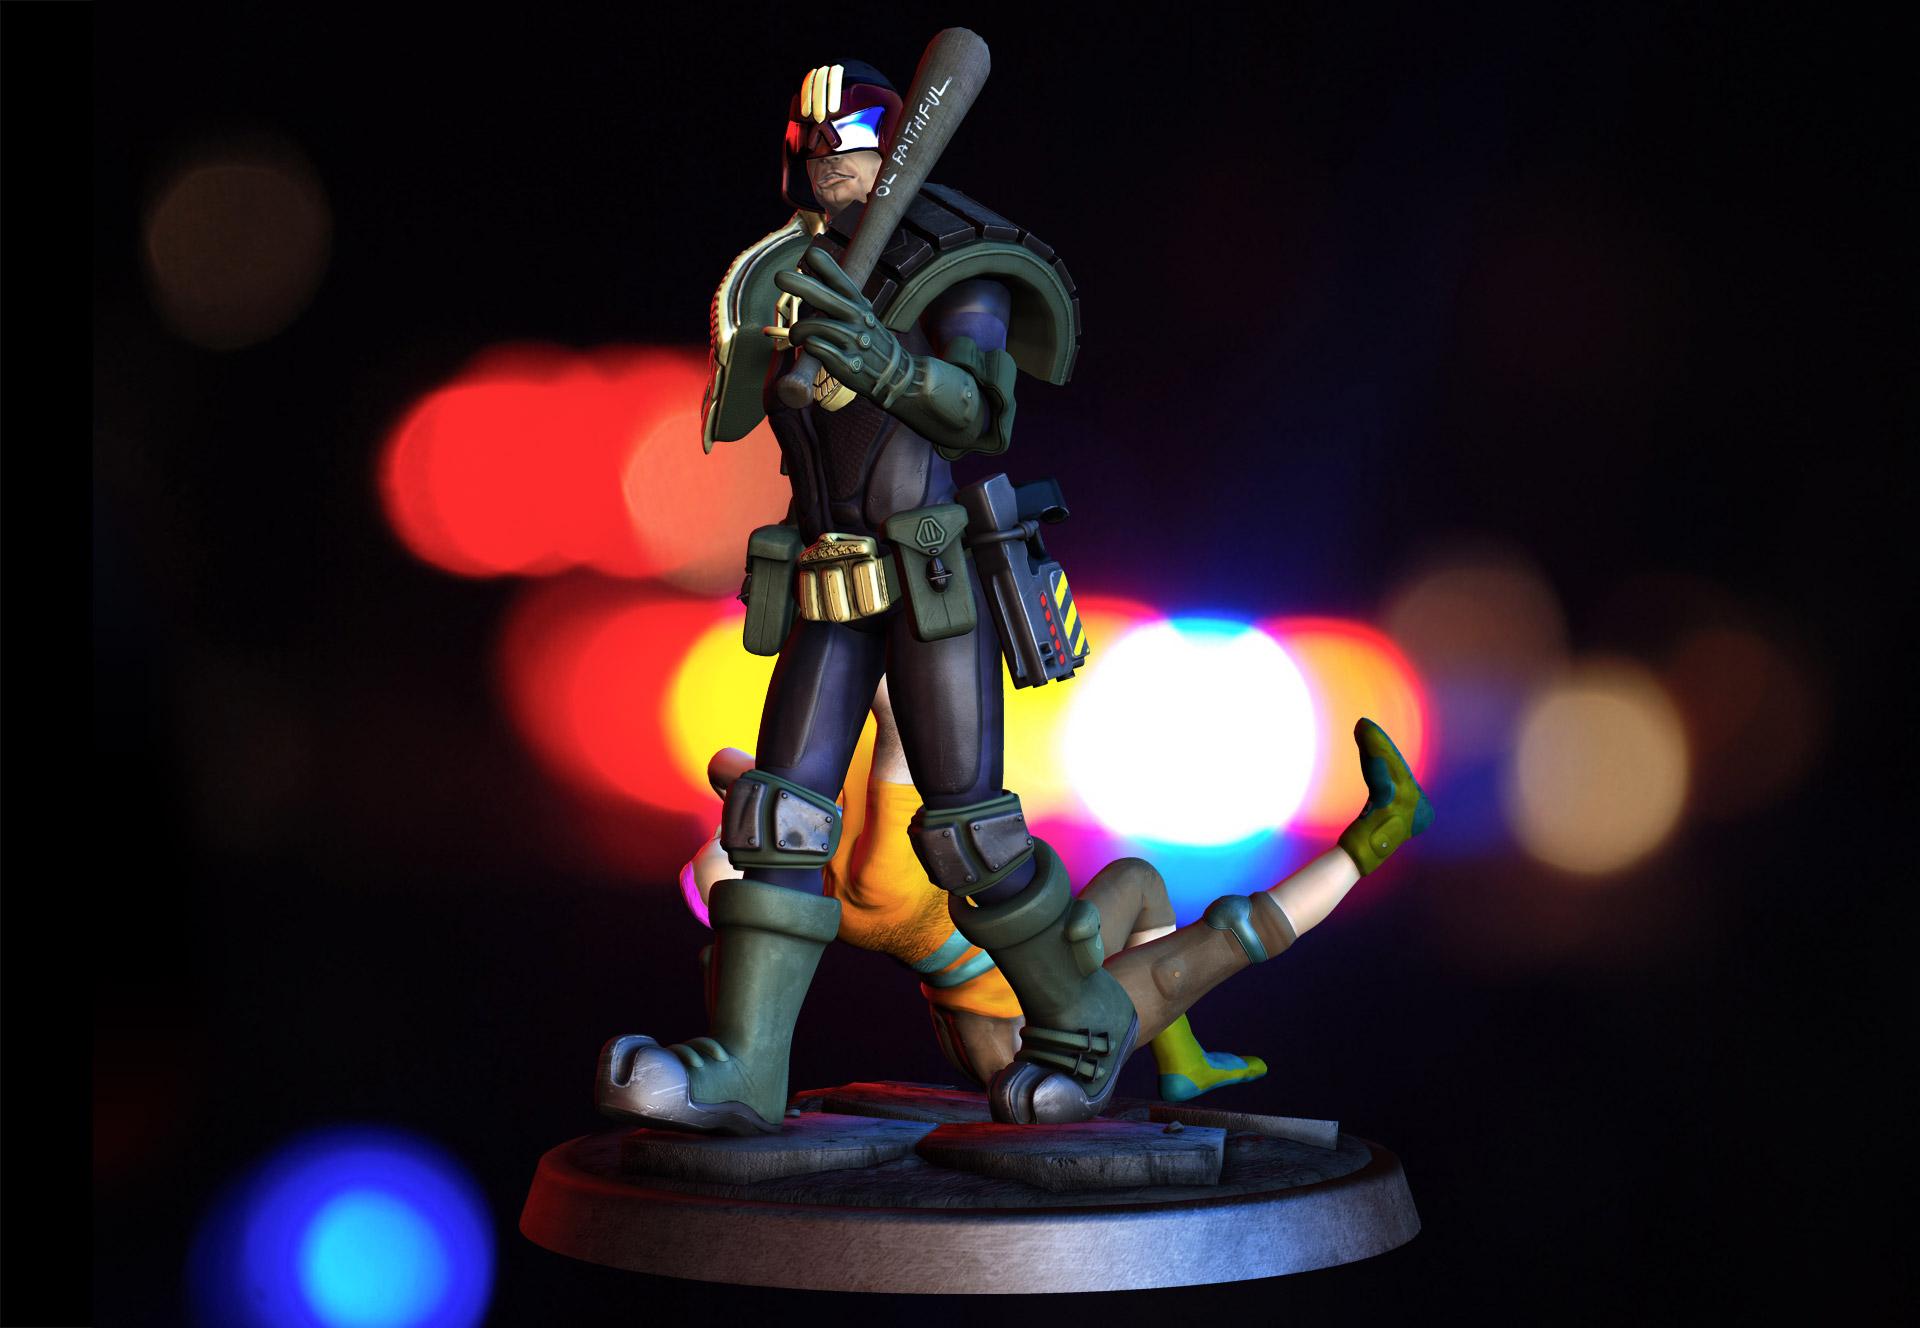 judge_dredd_mudbox_character_sculpt_3.jpg